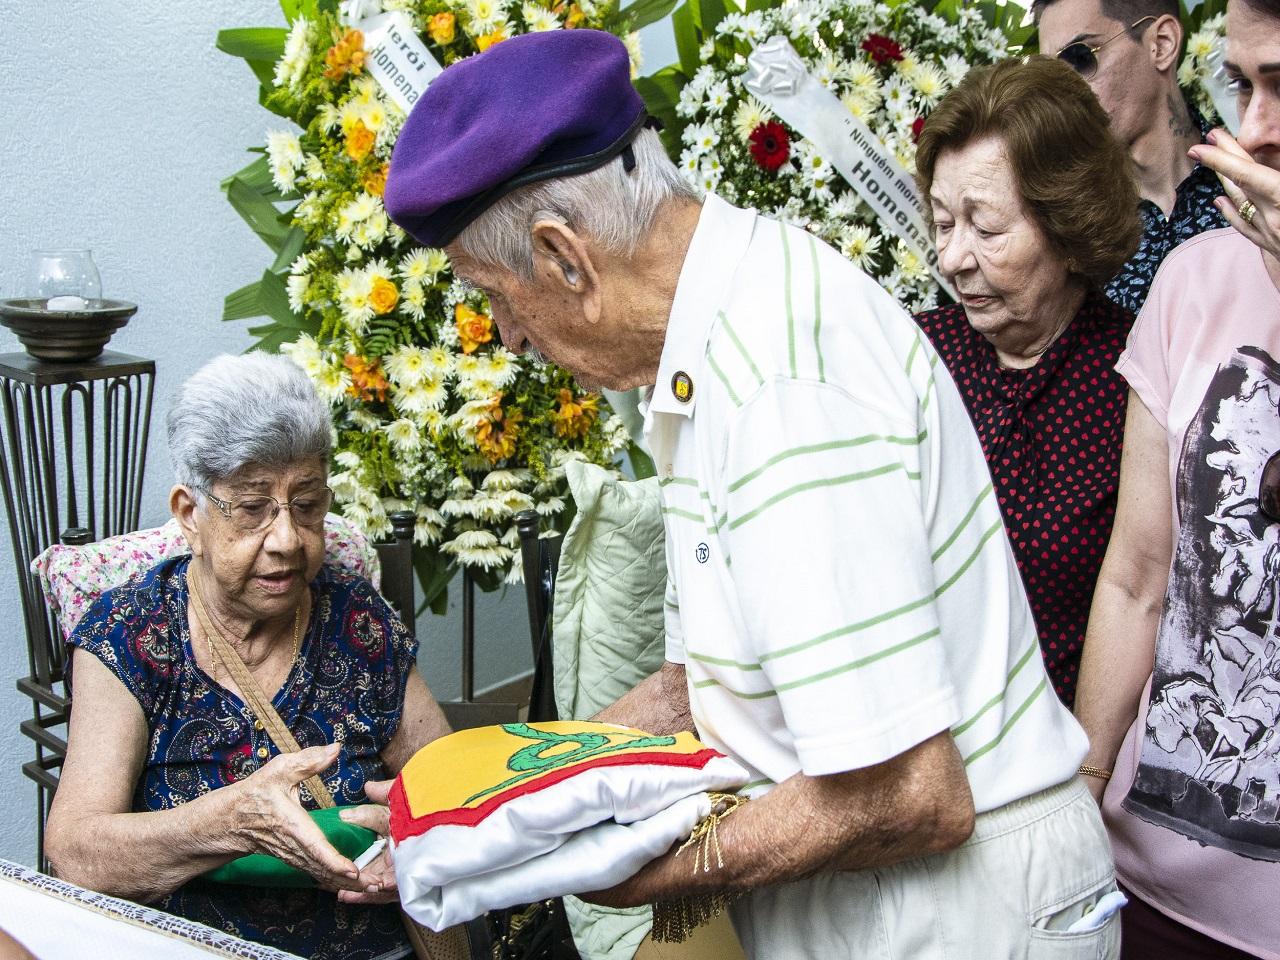 Veterano da Força Expedicionária Brasileira deixa saudades e é homenageado na Capital sul-mato-grossense